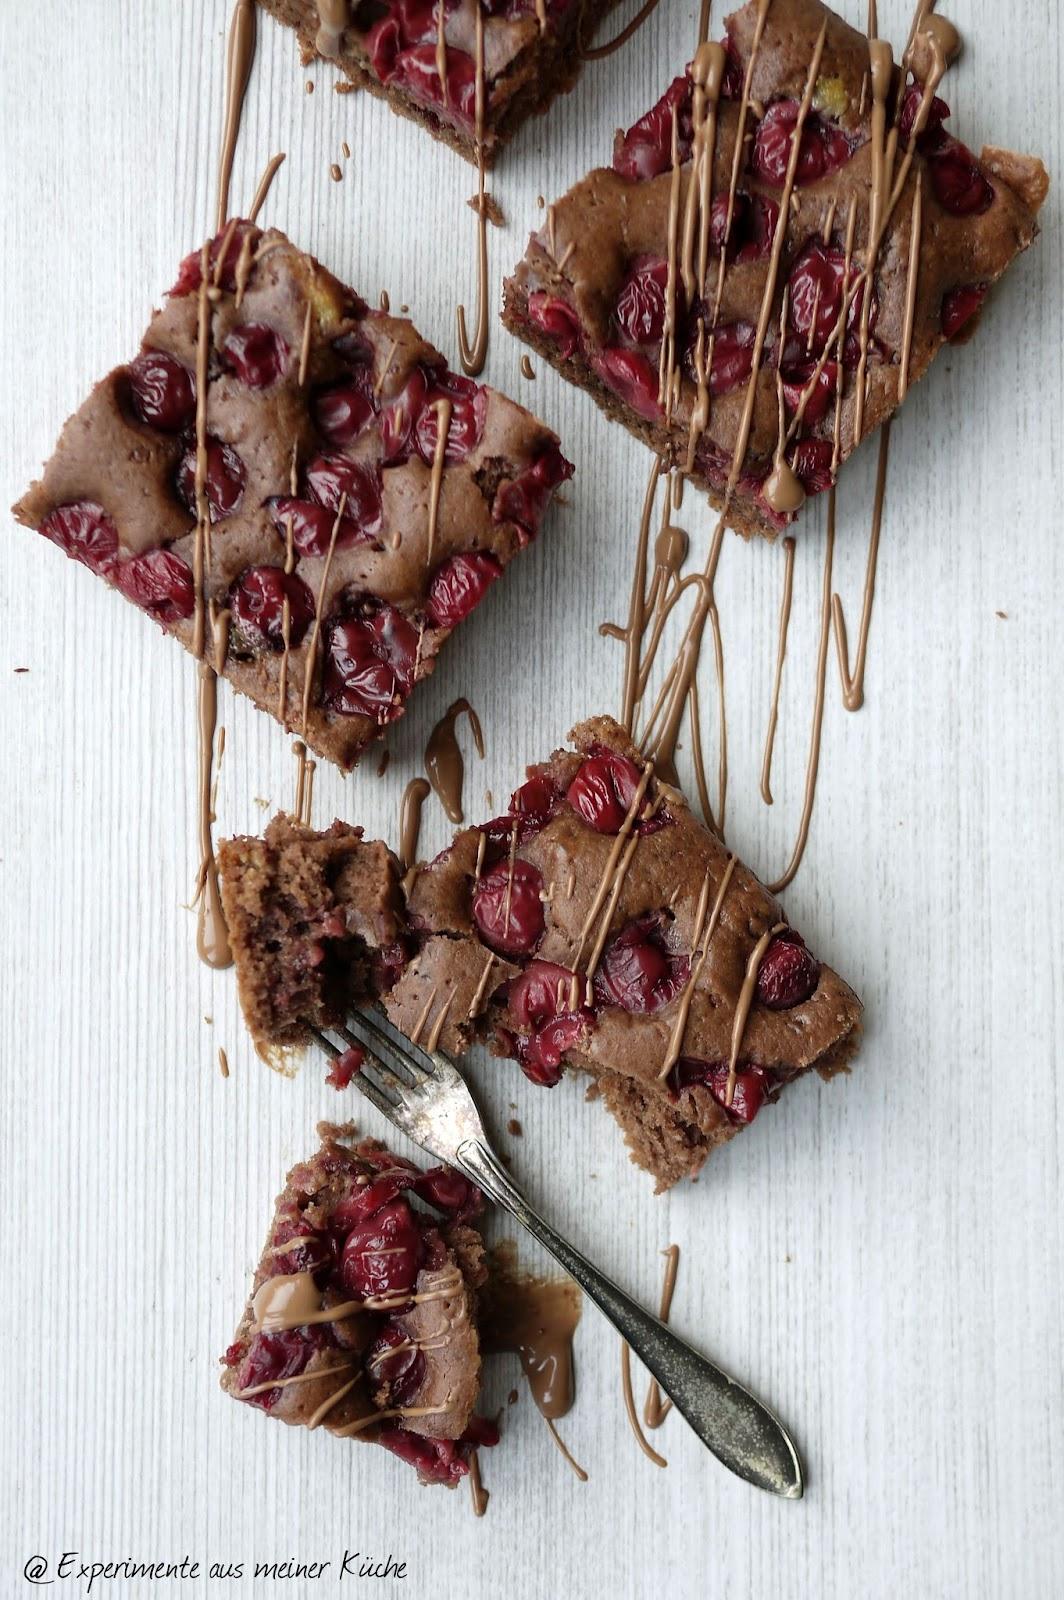 Experimente Aus Meiner Kuche Schokoladiger Schoko Kirsch Kuchen